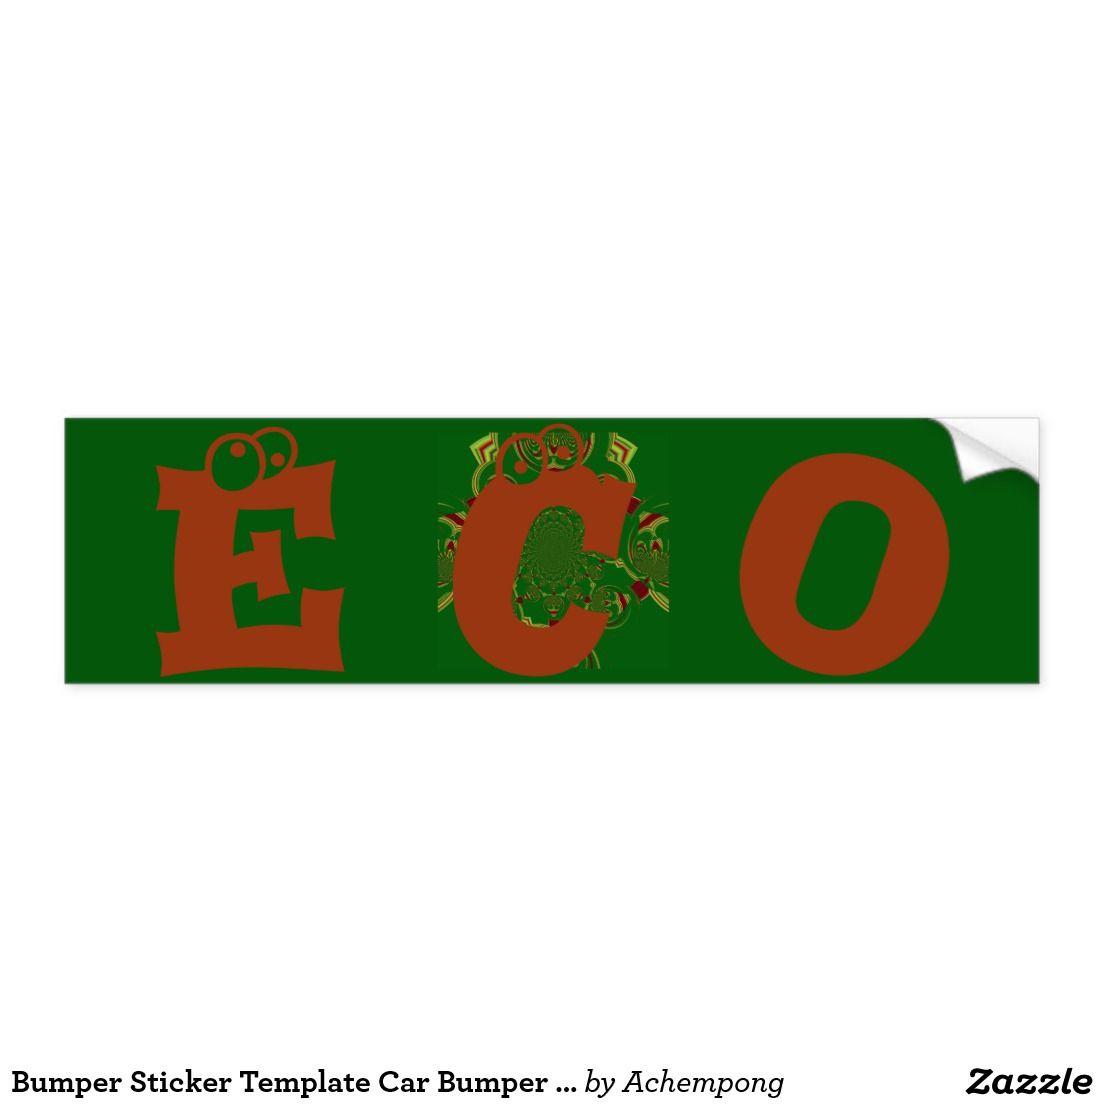 Bumper sticker template car bumper sticker amazing stuff bumper sticker template car bumper sticker maxwellsz